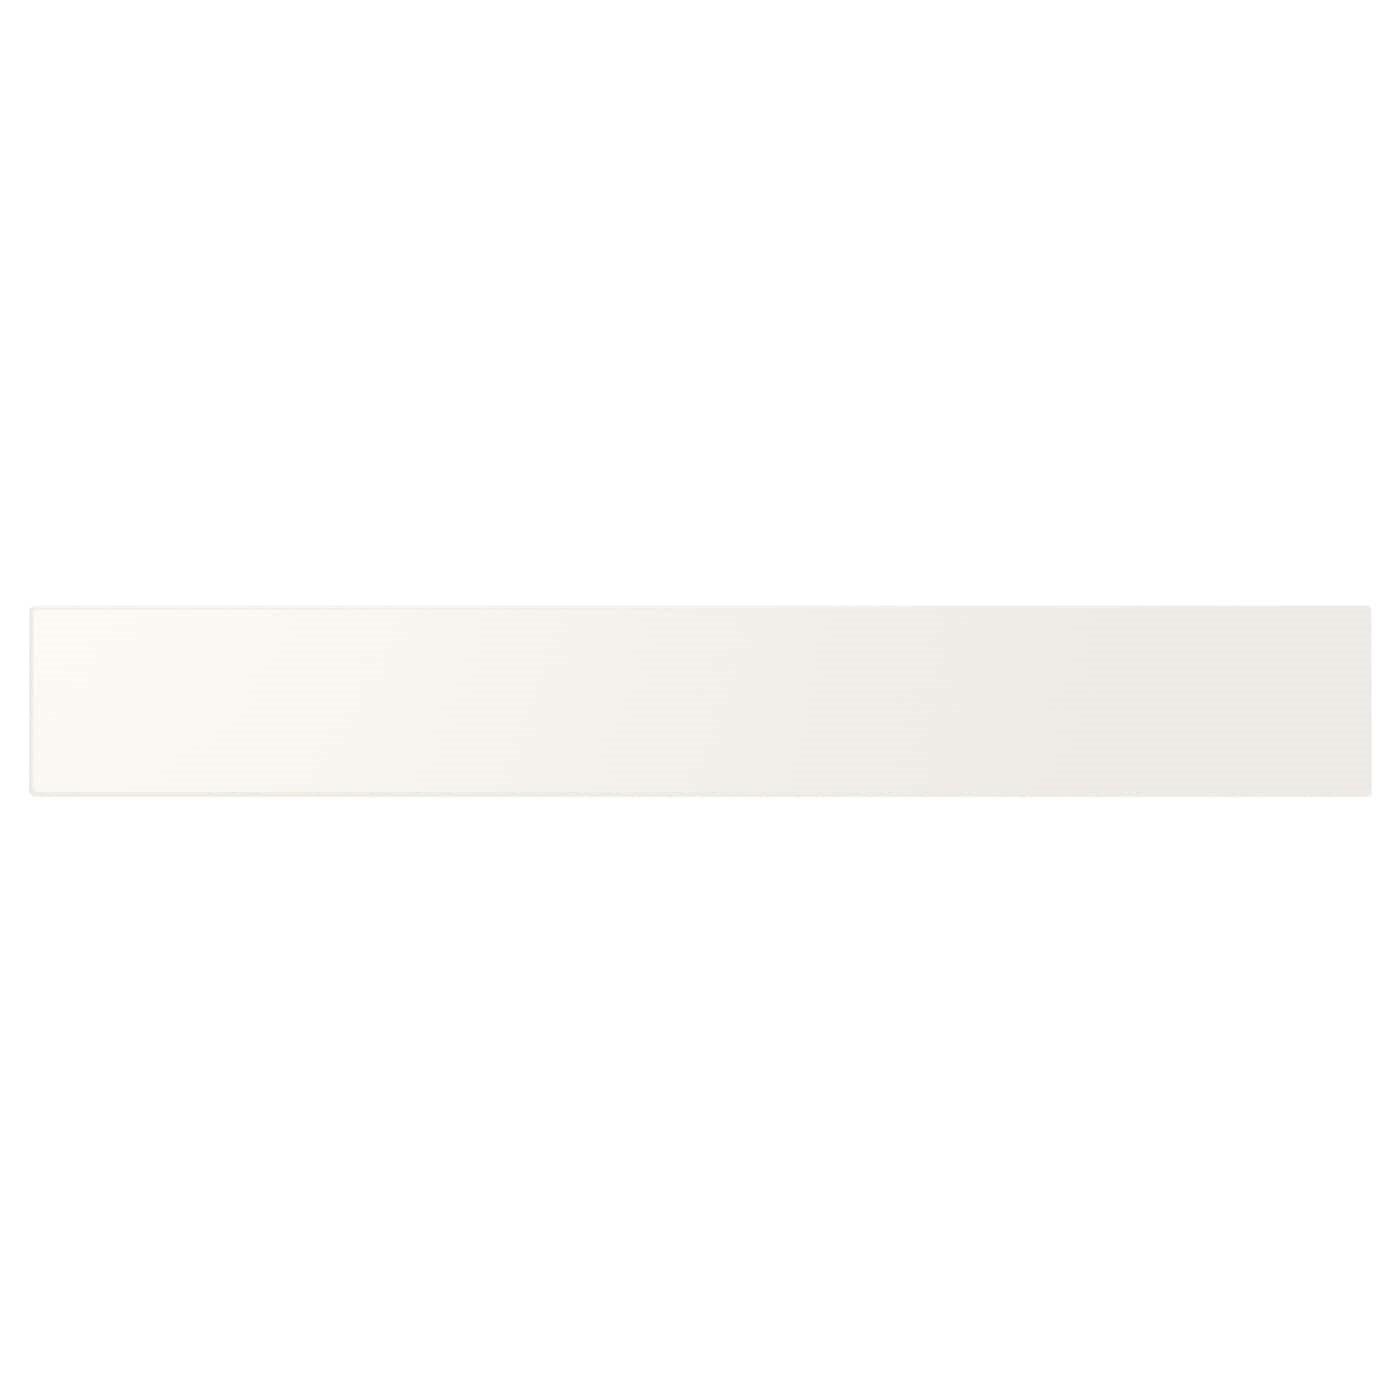 IKEA UTRUSTA фронтальная панель ящика, низкая белый 55.5x8 см 402.046.51